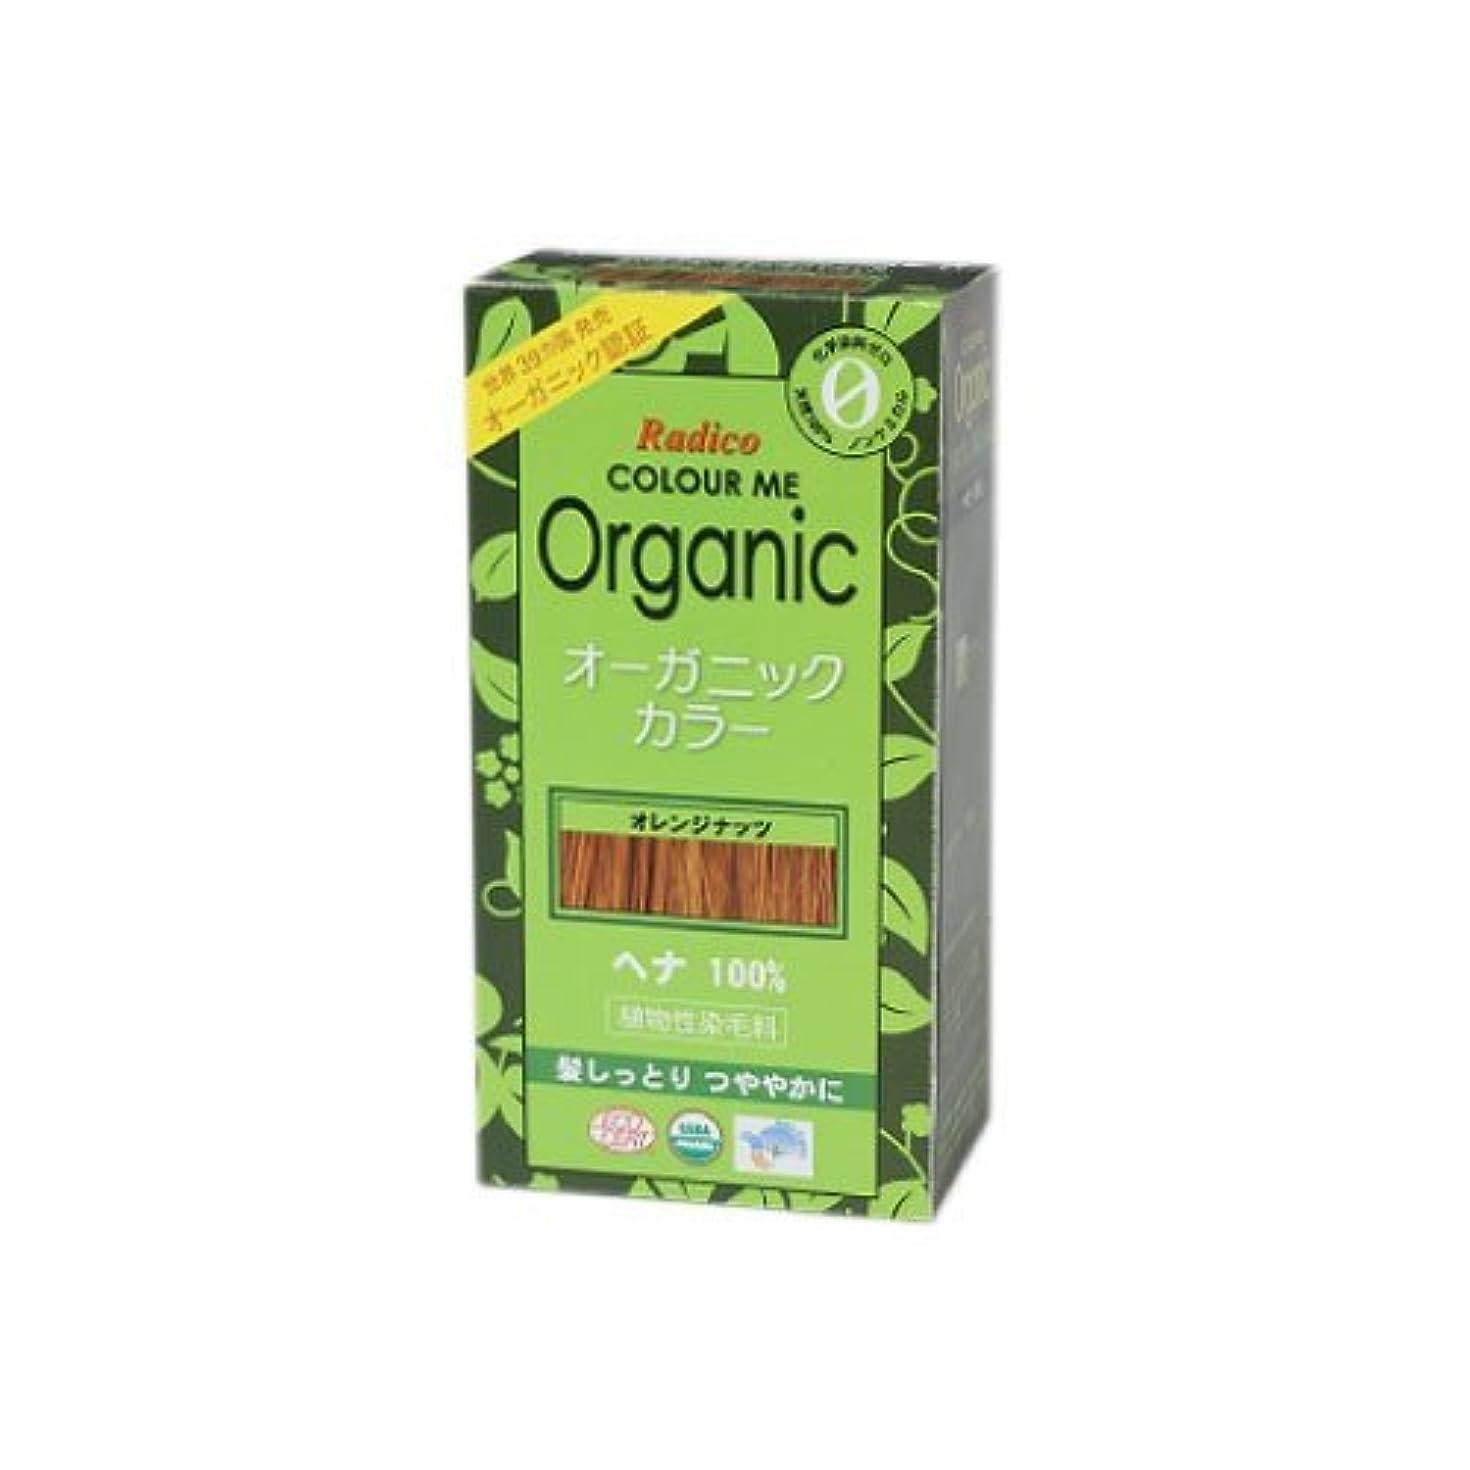 始める誇張する晩餐COLOURME Organic (カラーミーオーガニック ヘナ 白髪用) オレンジナッツ 100g